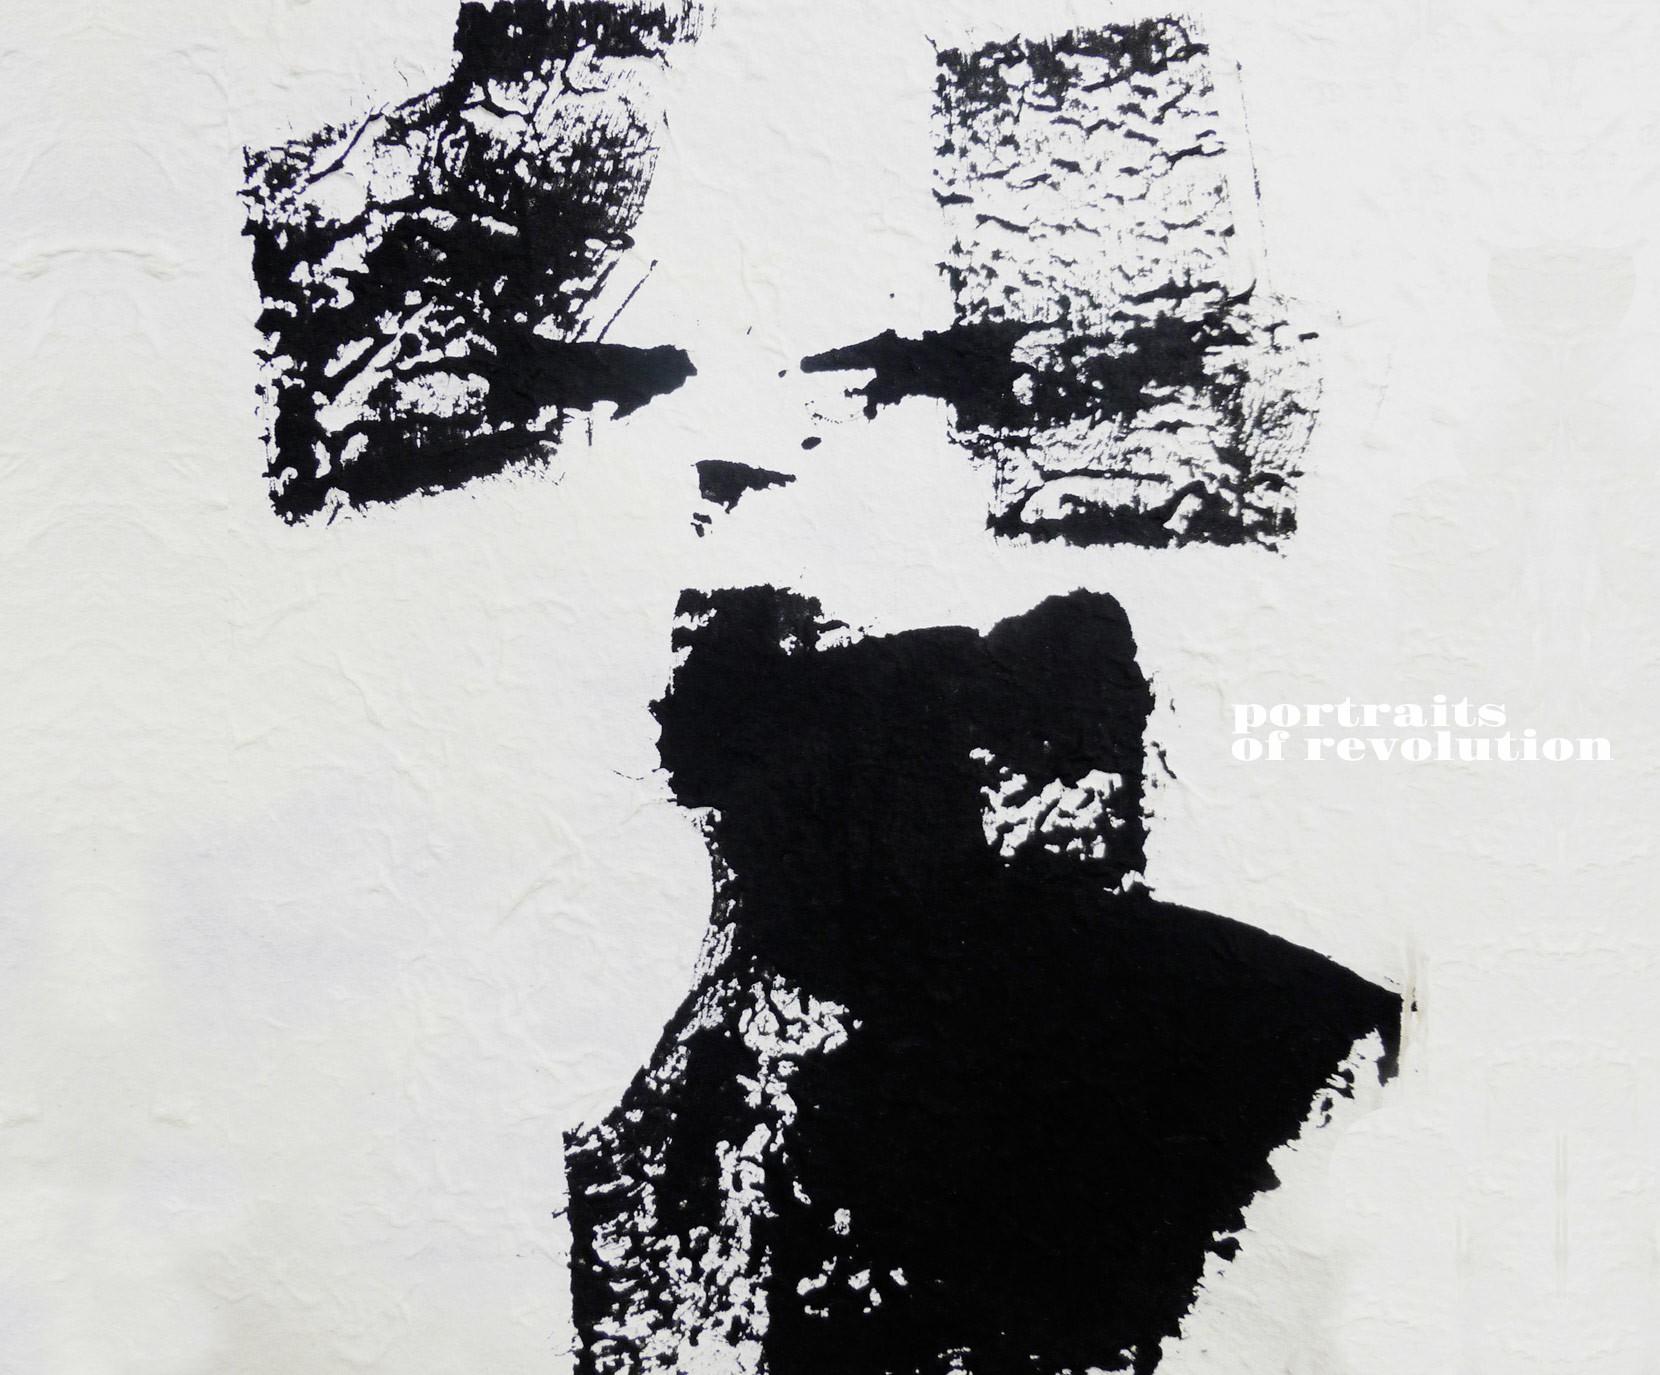 Silvio-Cocco-Faces-Revolutions-Graphic-Design-Art